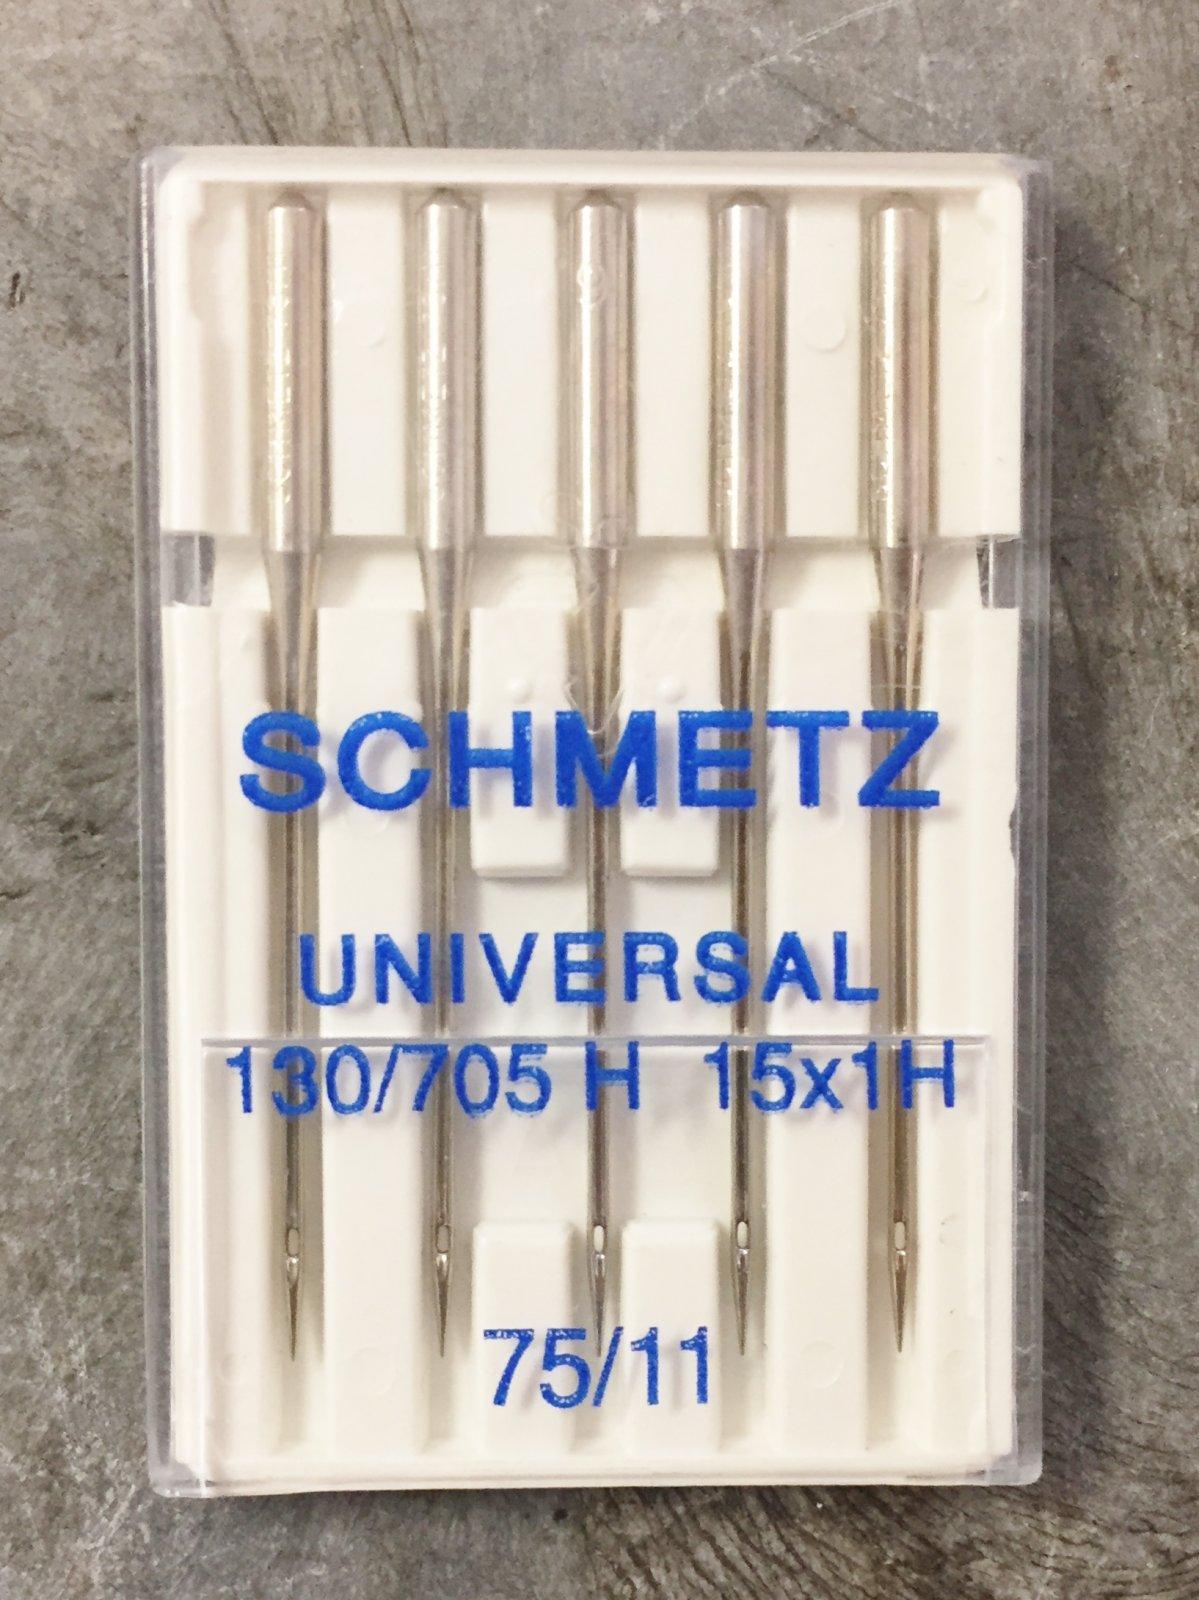 75/11 Universal Schmetz